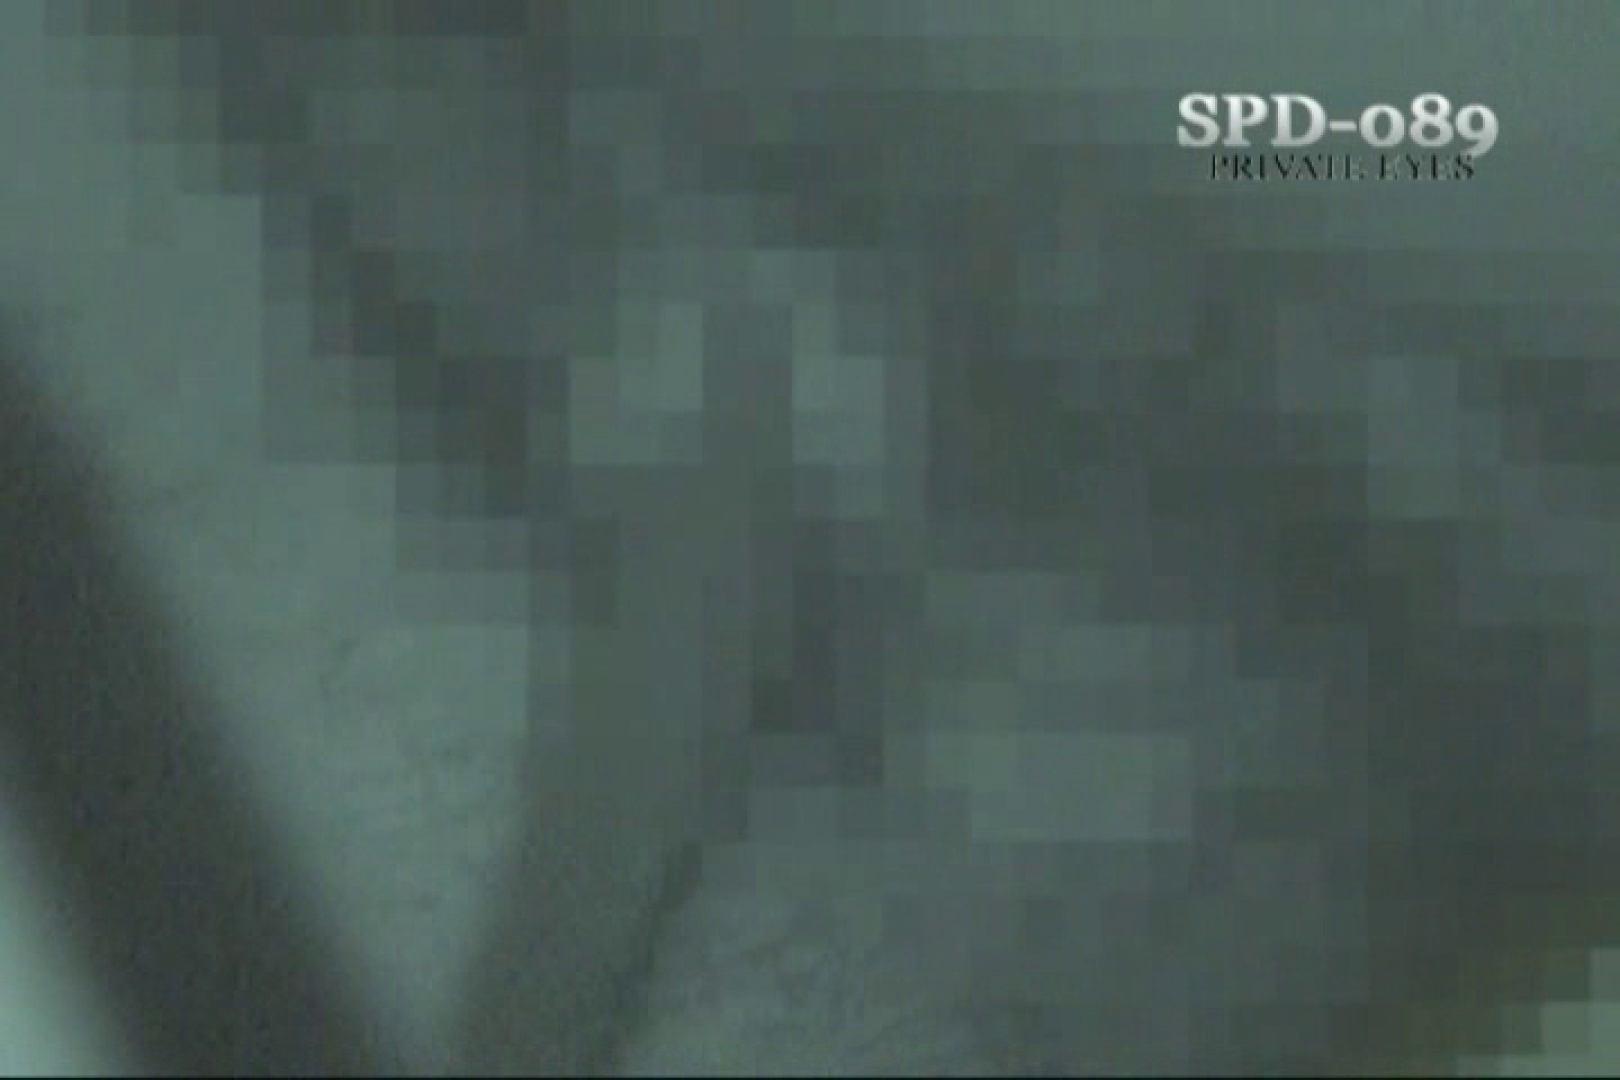 高画質版!SPD-089 厠の隙間 4 厠 | 名作  58pic 4